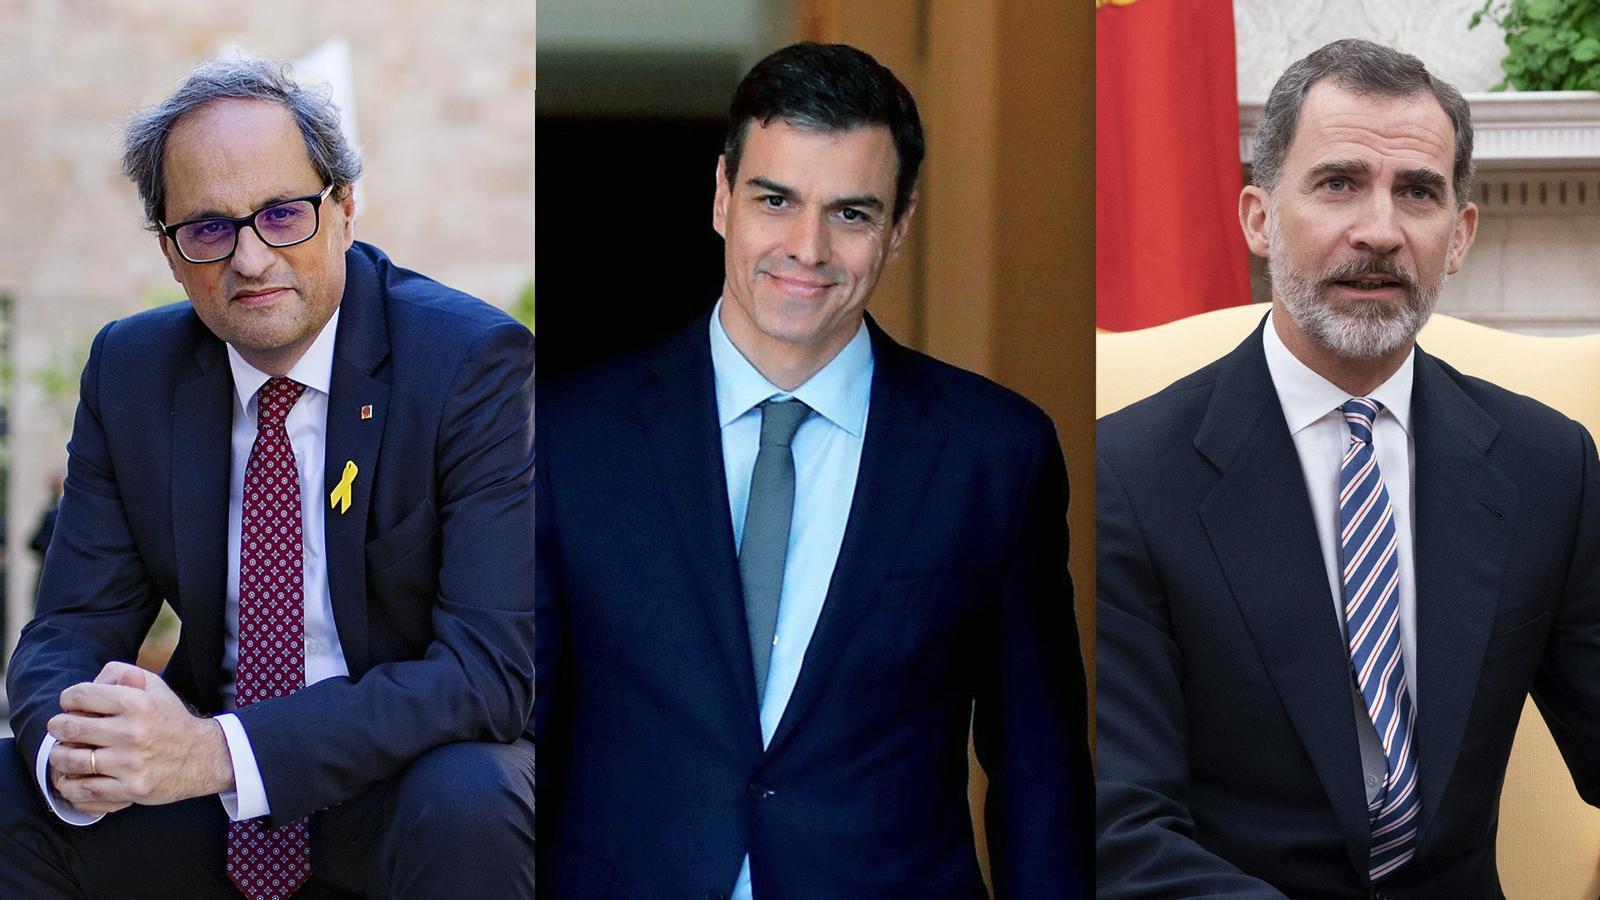 L'anàlisi d'Antoni Bassas: 'Felip de Borbó i la reunió amb Torra'